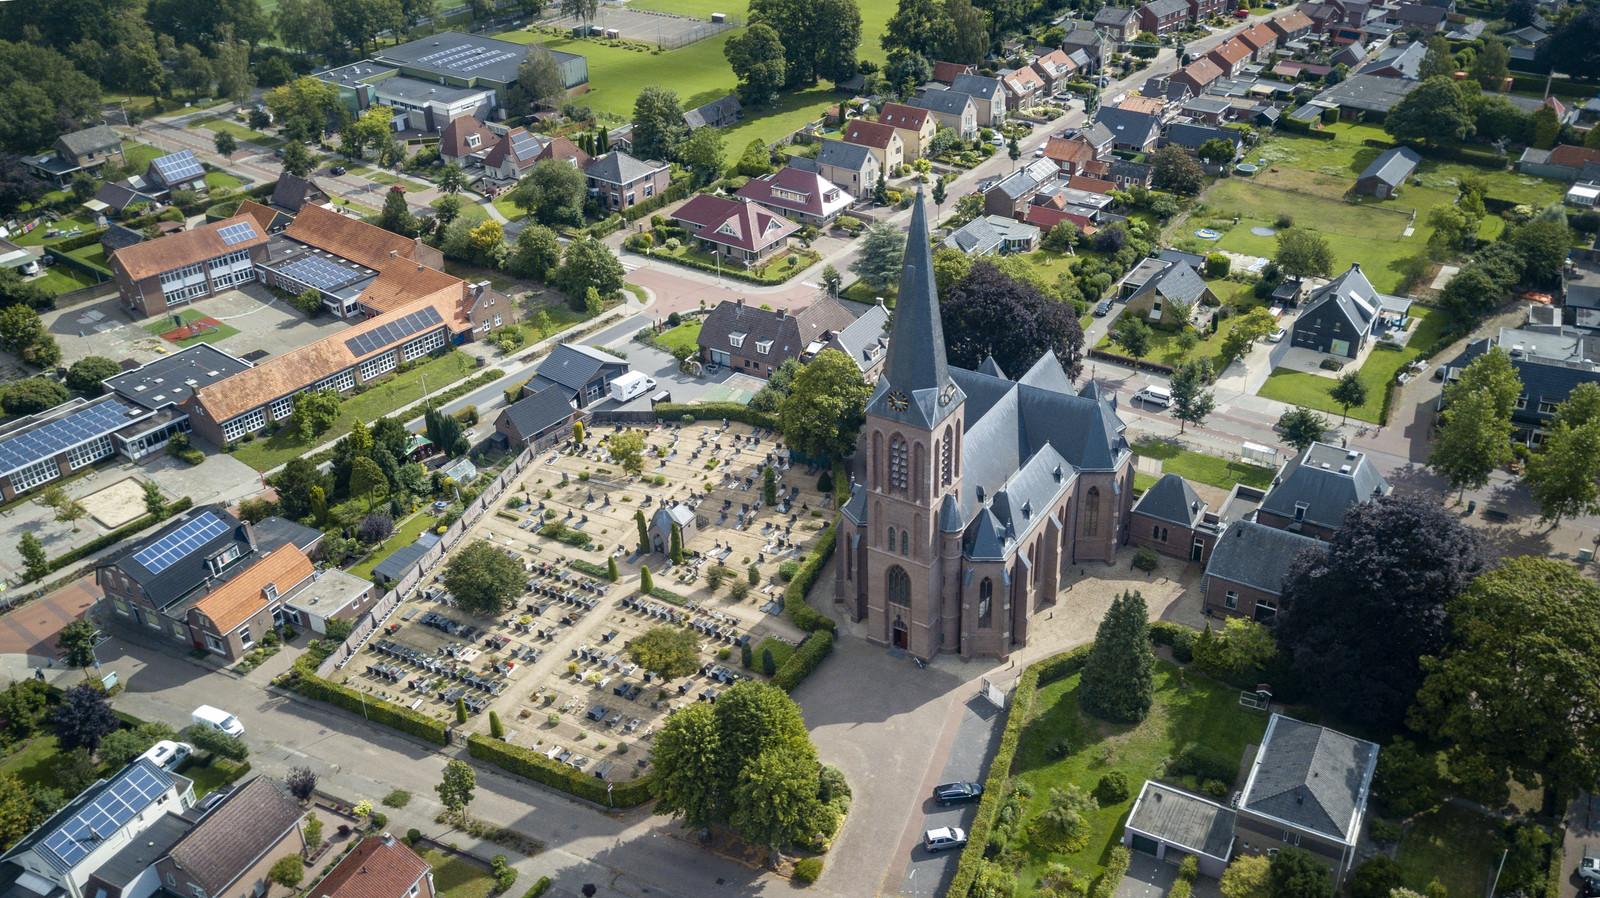 De Maria Onbevlekt Ontvangen, in het dorpshart van Heeten, is één van de zeven kerkgebouwen die de komende vijf jaar zal sluiten.